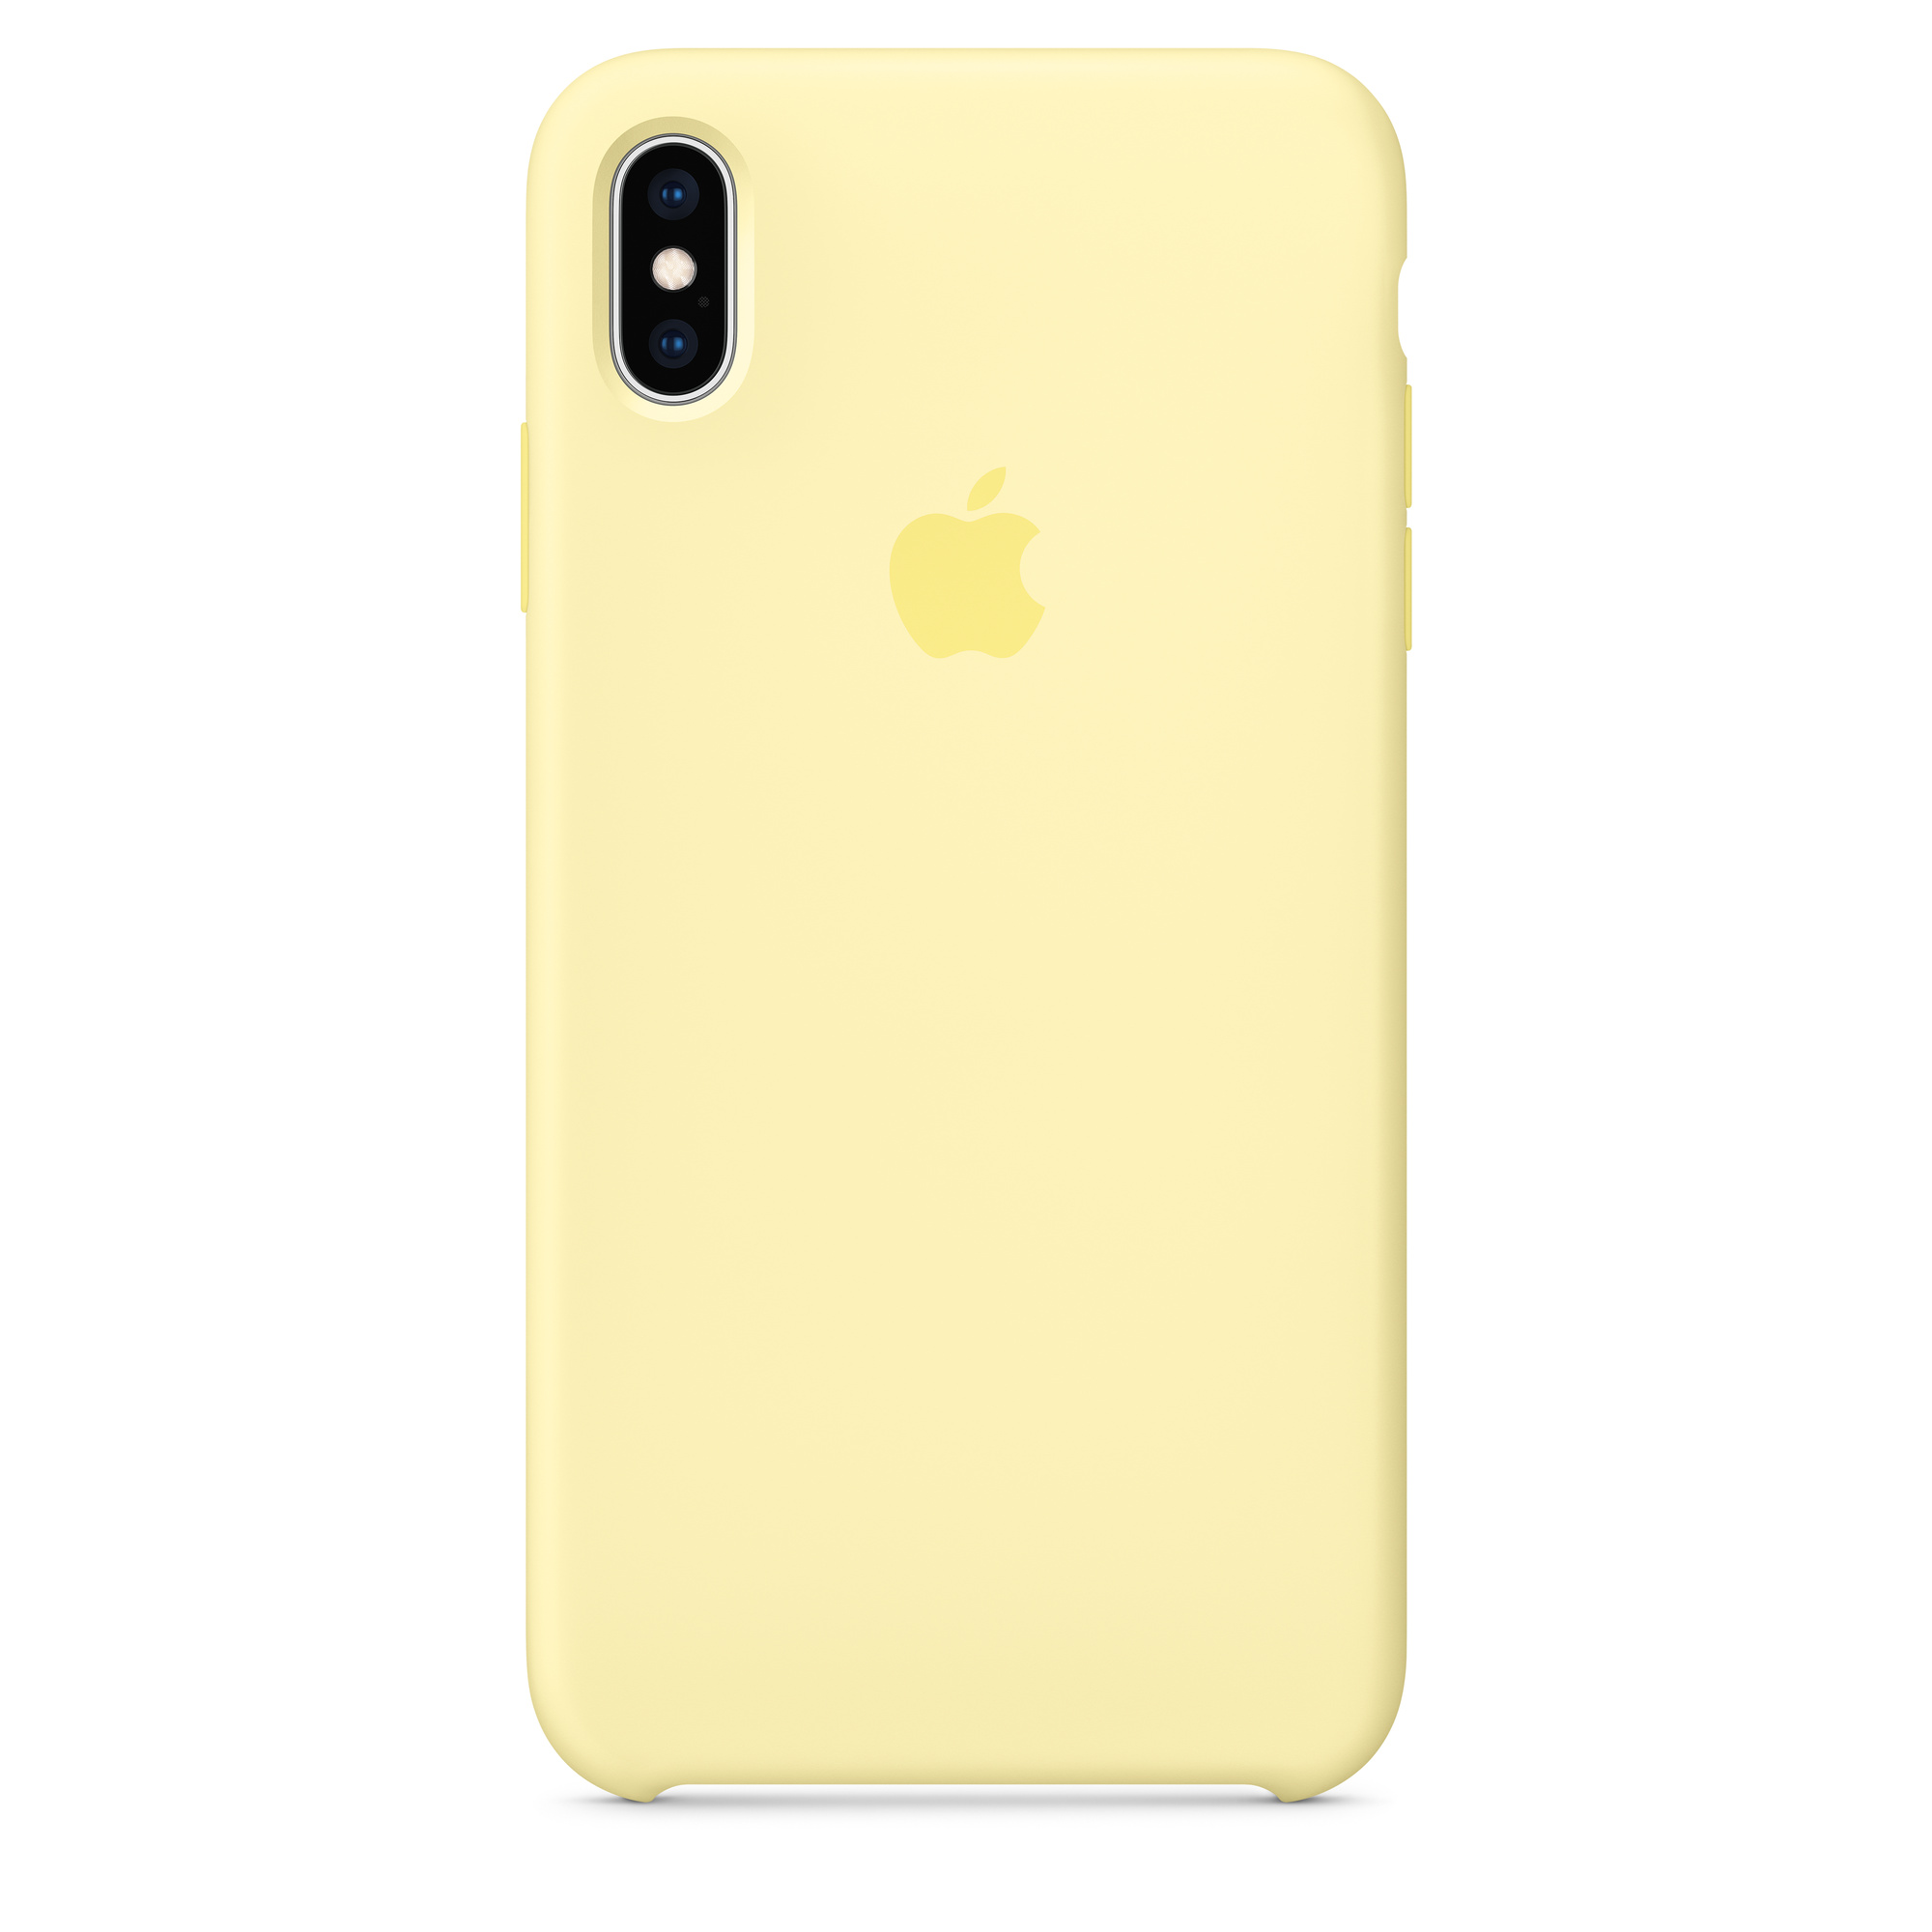 Étui en silicone pour iPhone XS Max - Jaune velouté